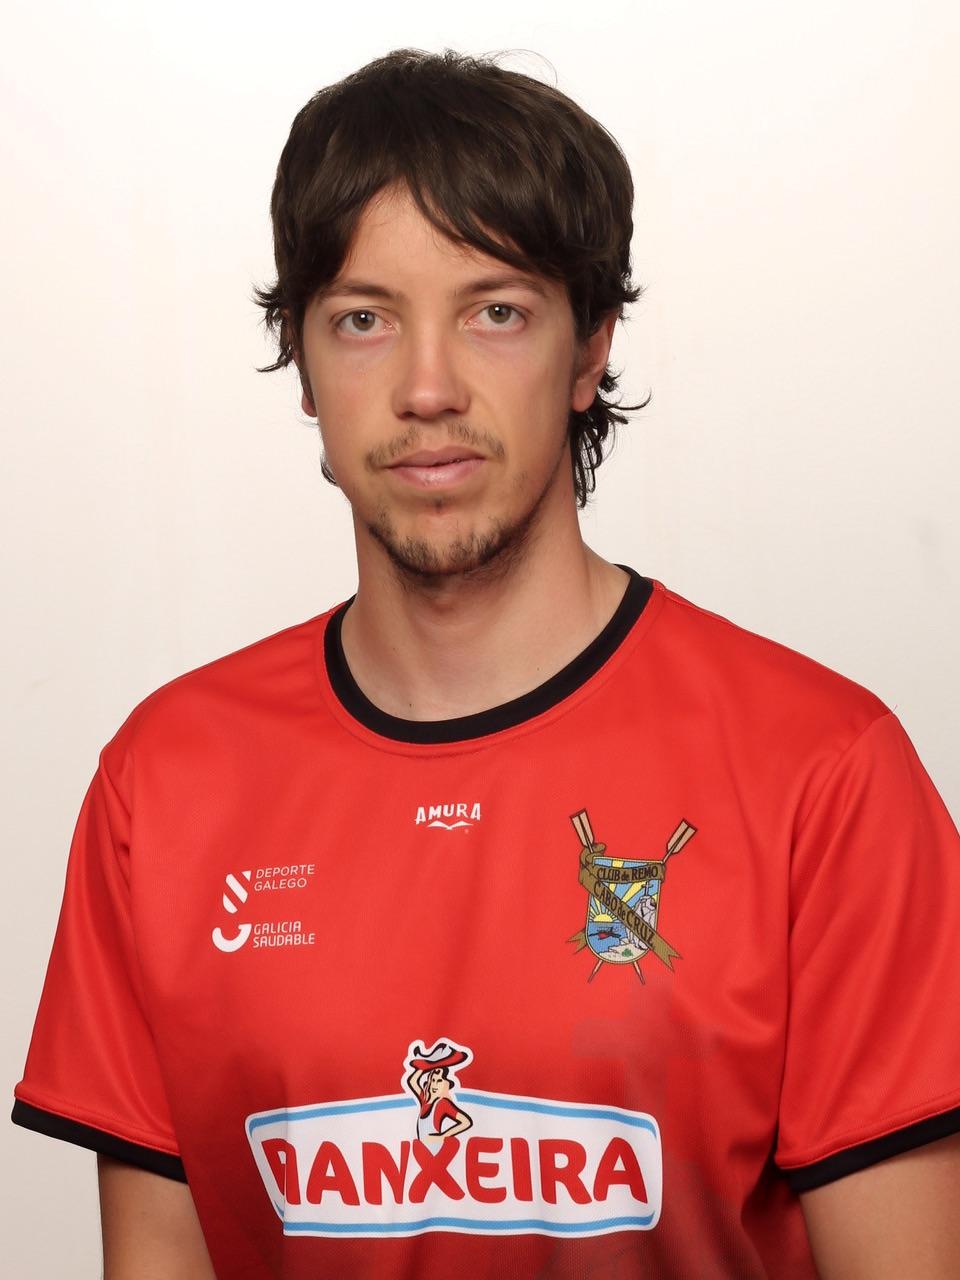 Iago Santos - NON PROPIO